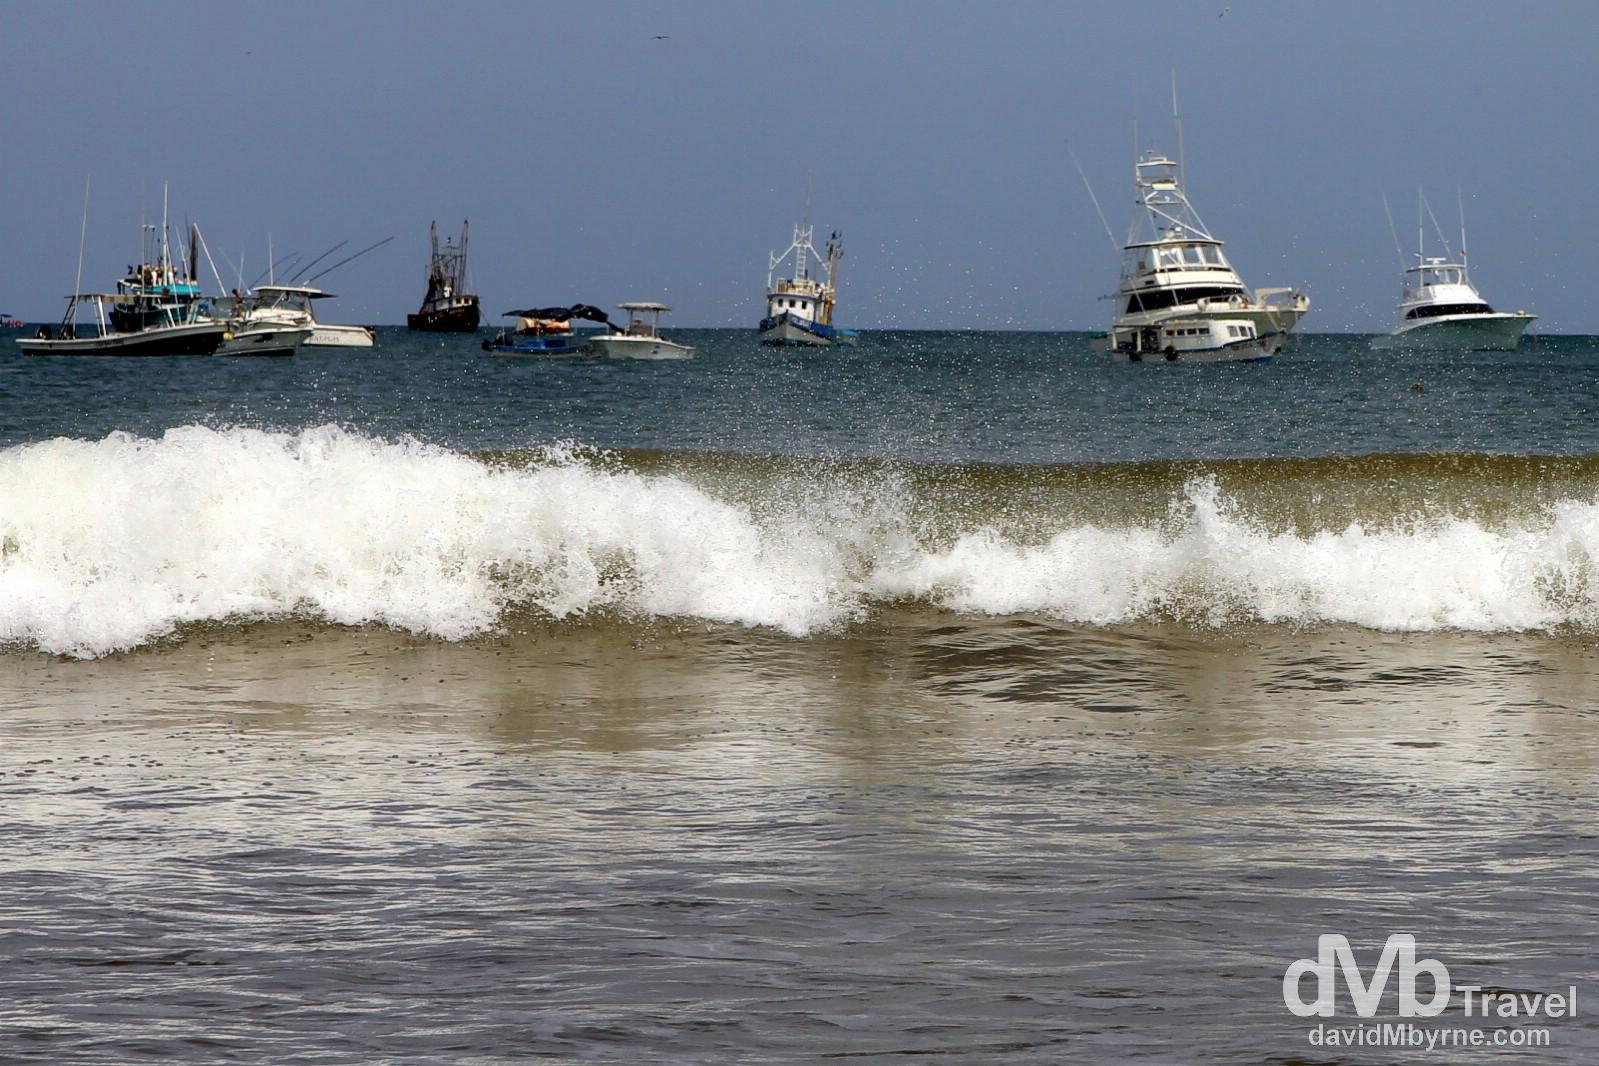 'Boats in repose'. San Juan Del Sur, Nicaragua. June 22nd 2013.